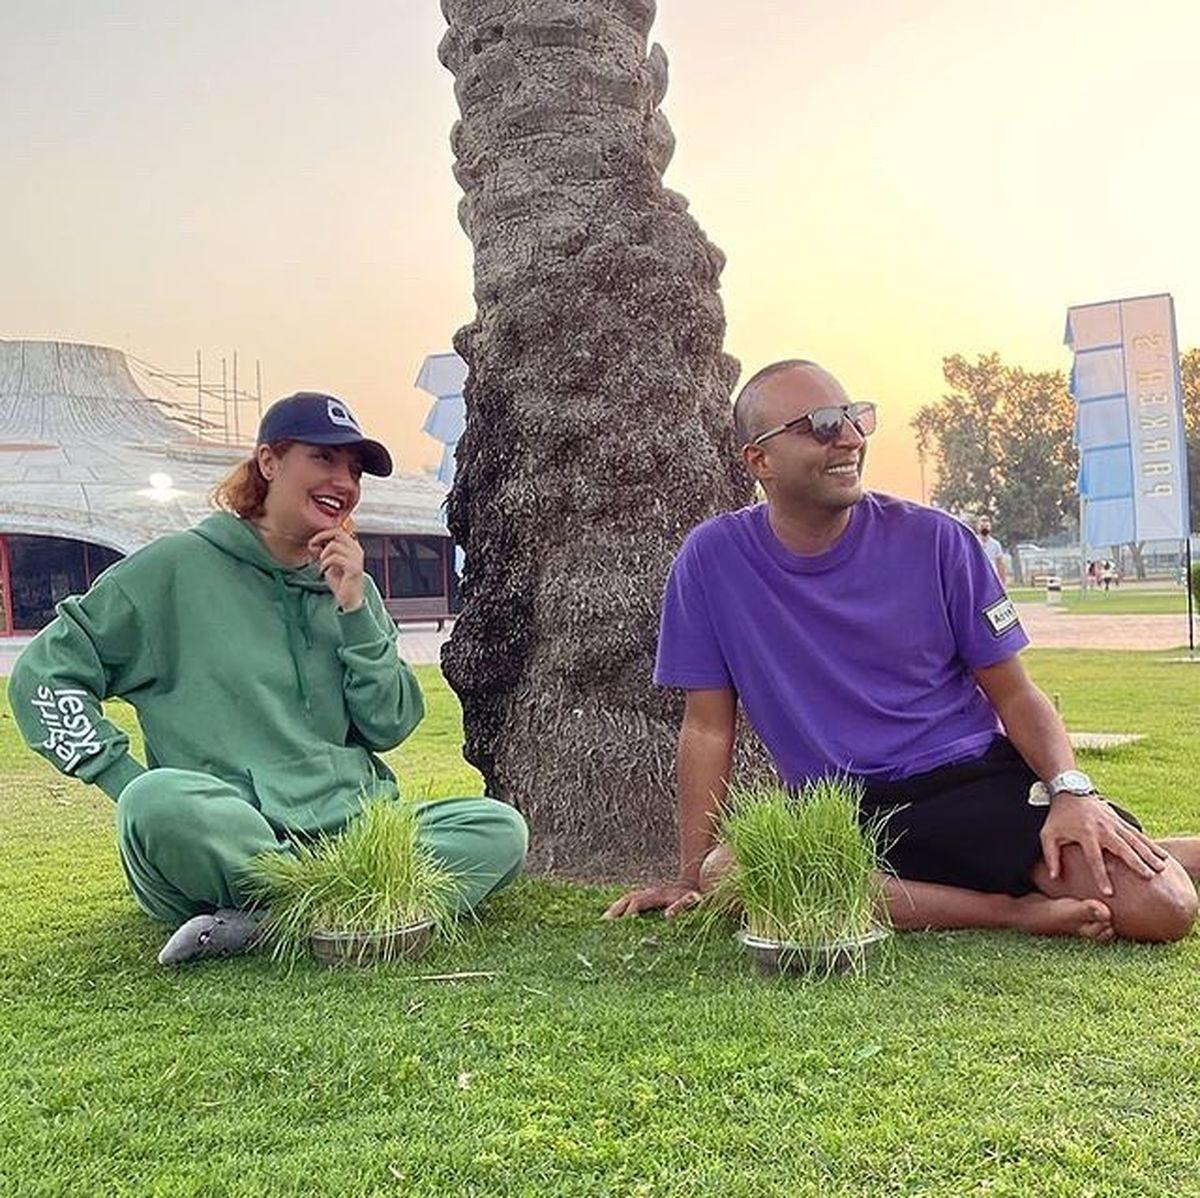 خوشگذرانی مهناز افشار با یک مرد +عکس